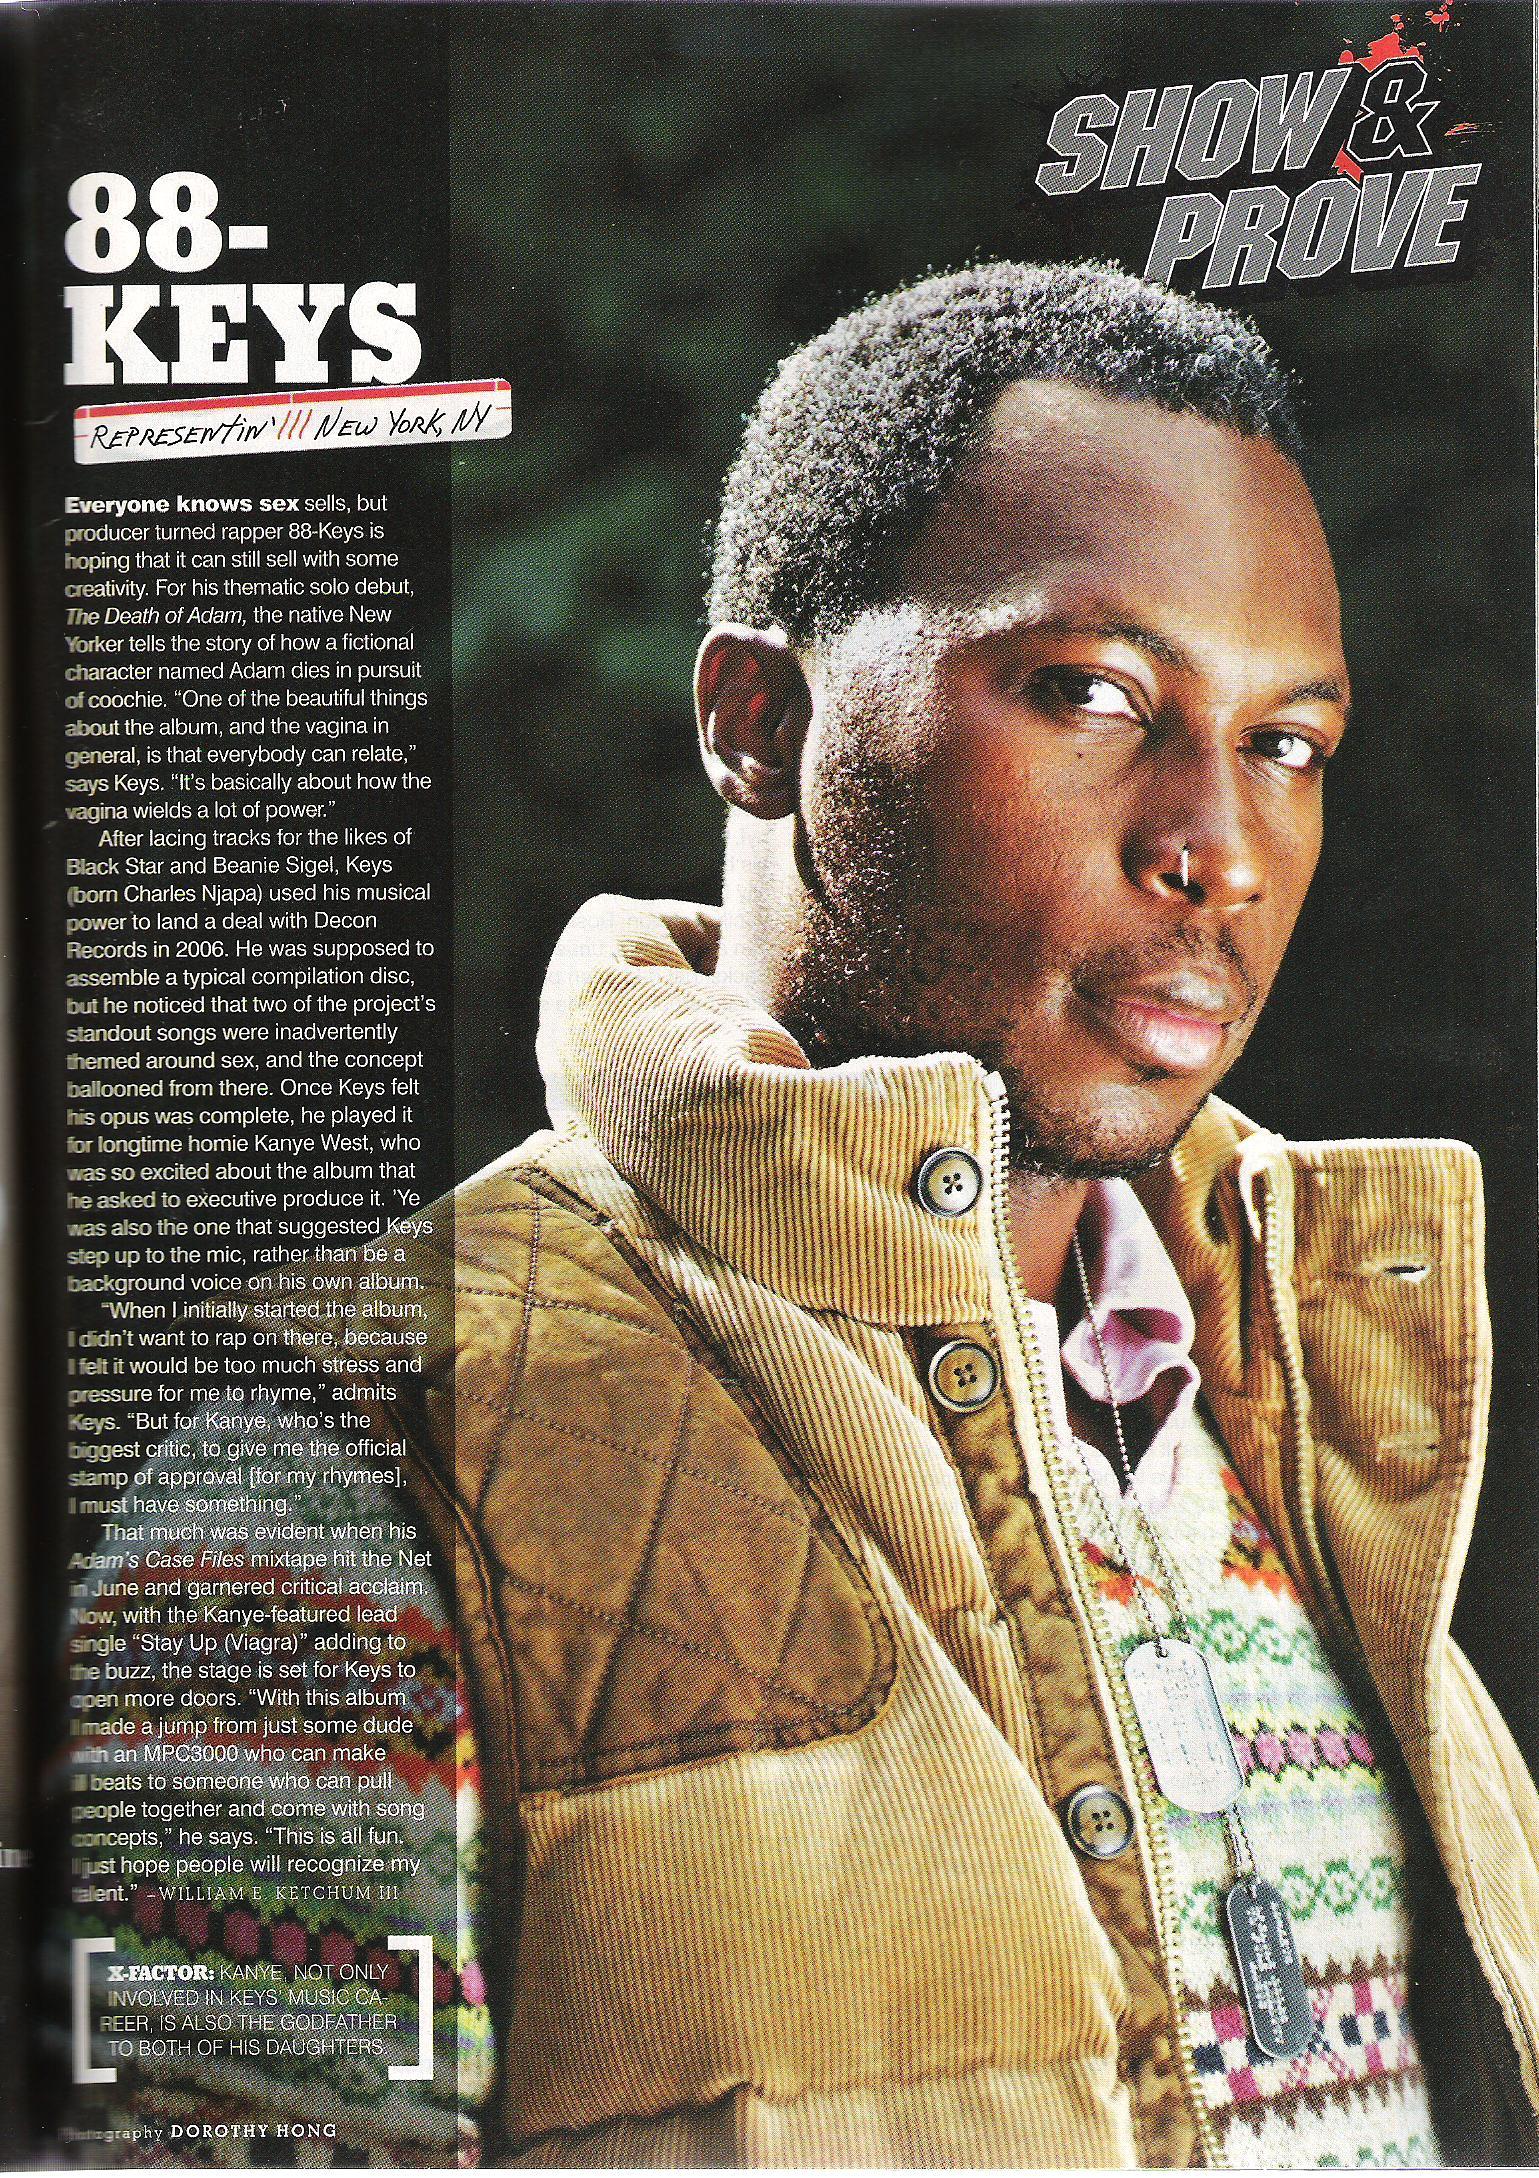 88 keys urb